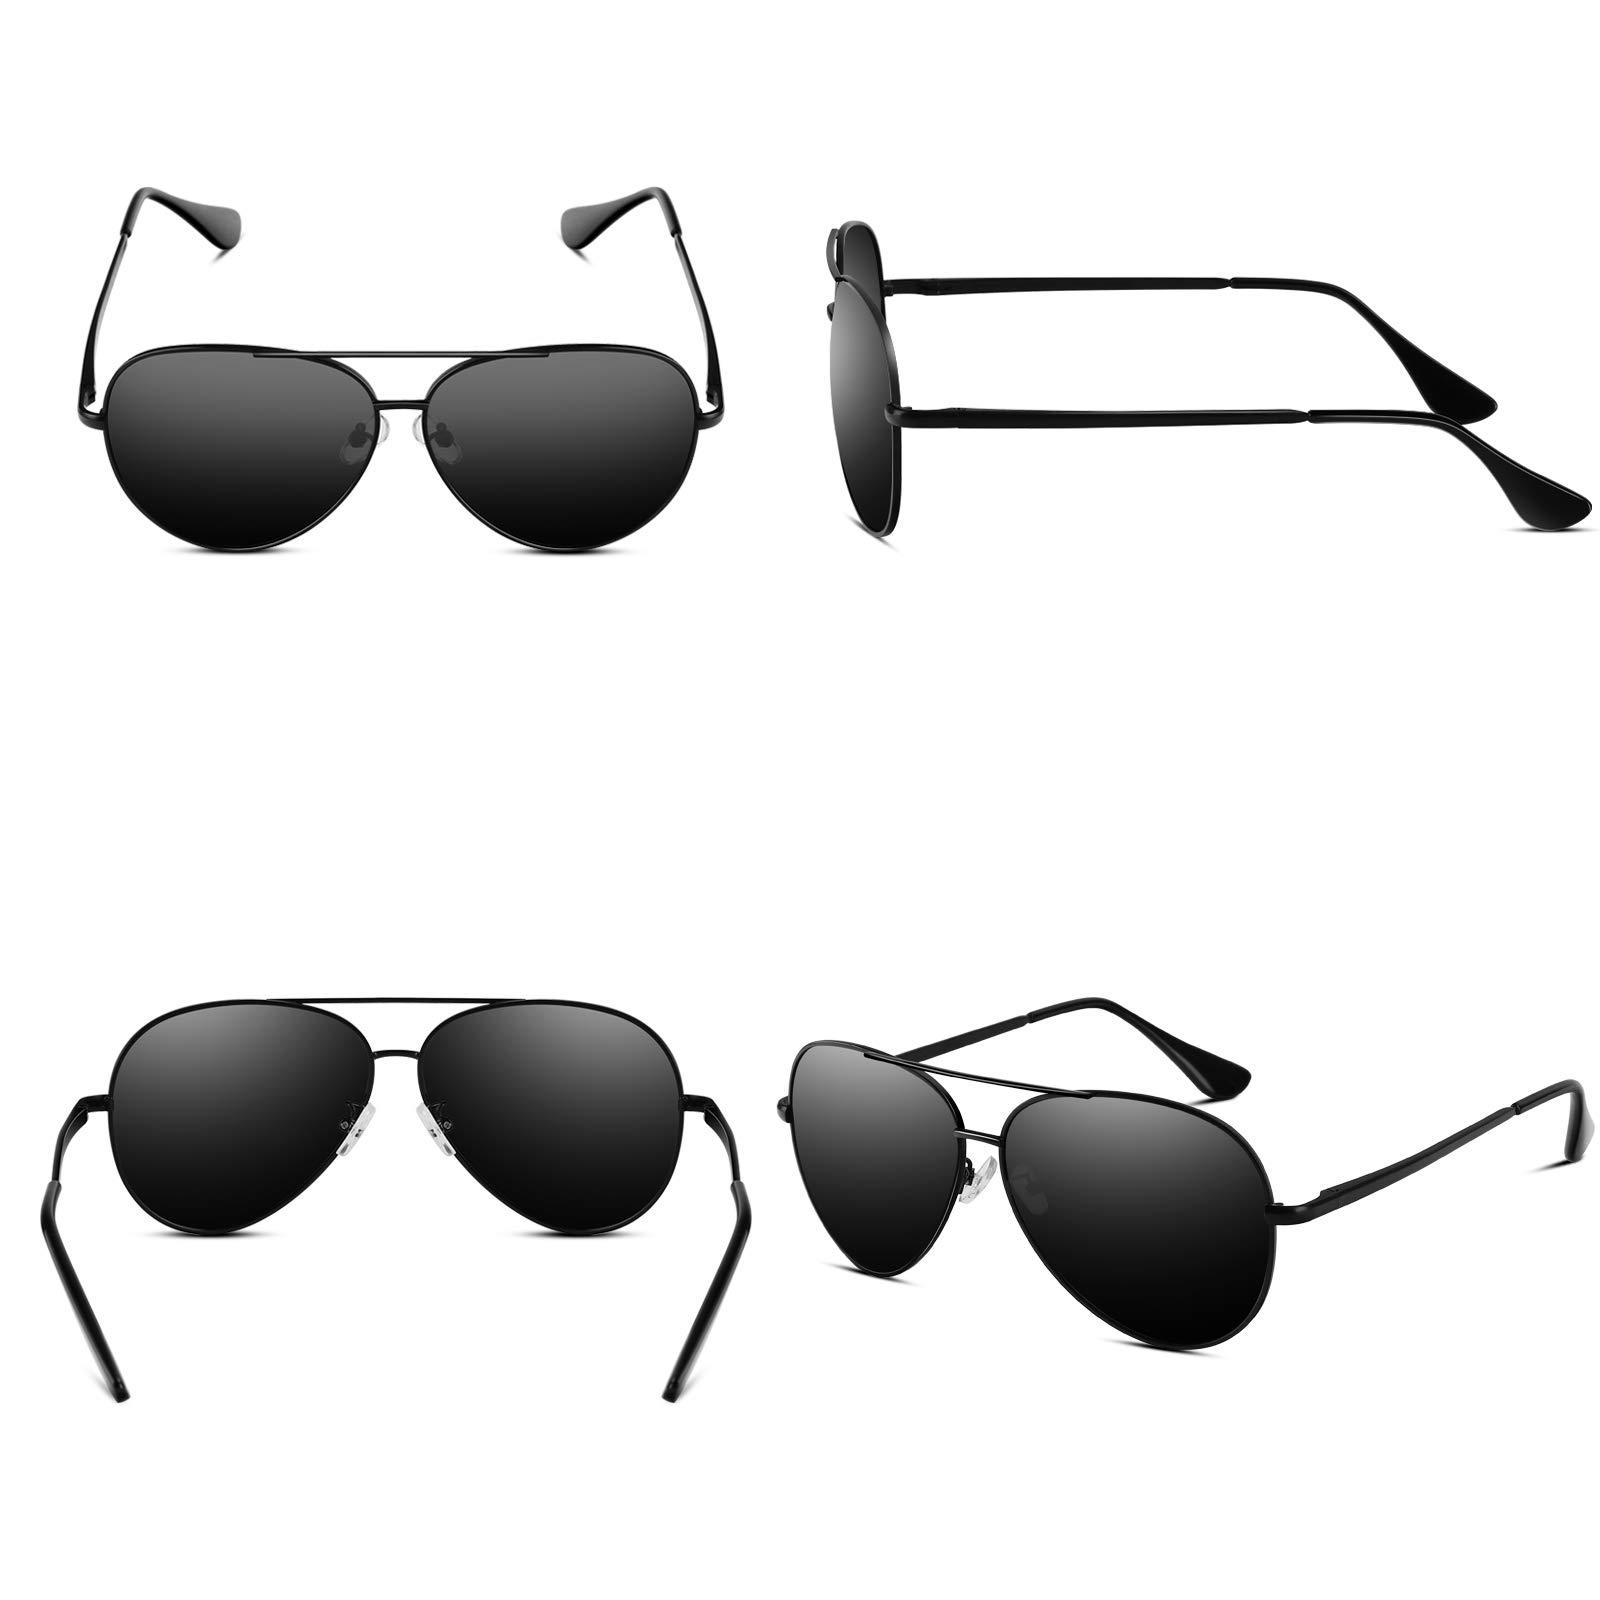 732c62c2ceda5 VVA Gafas de sol Hombre Polarizadas Aviador Hombres Aviador Gafas de ...